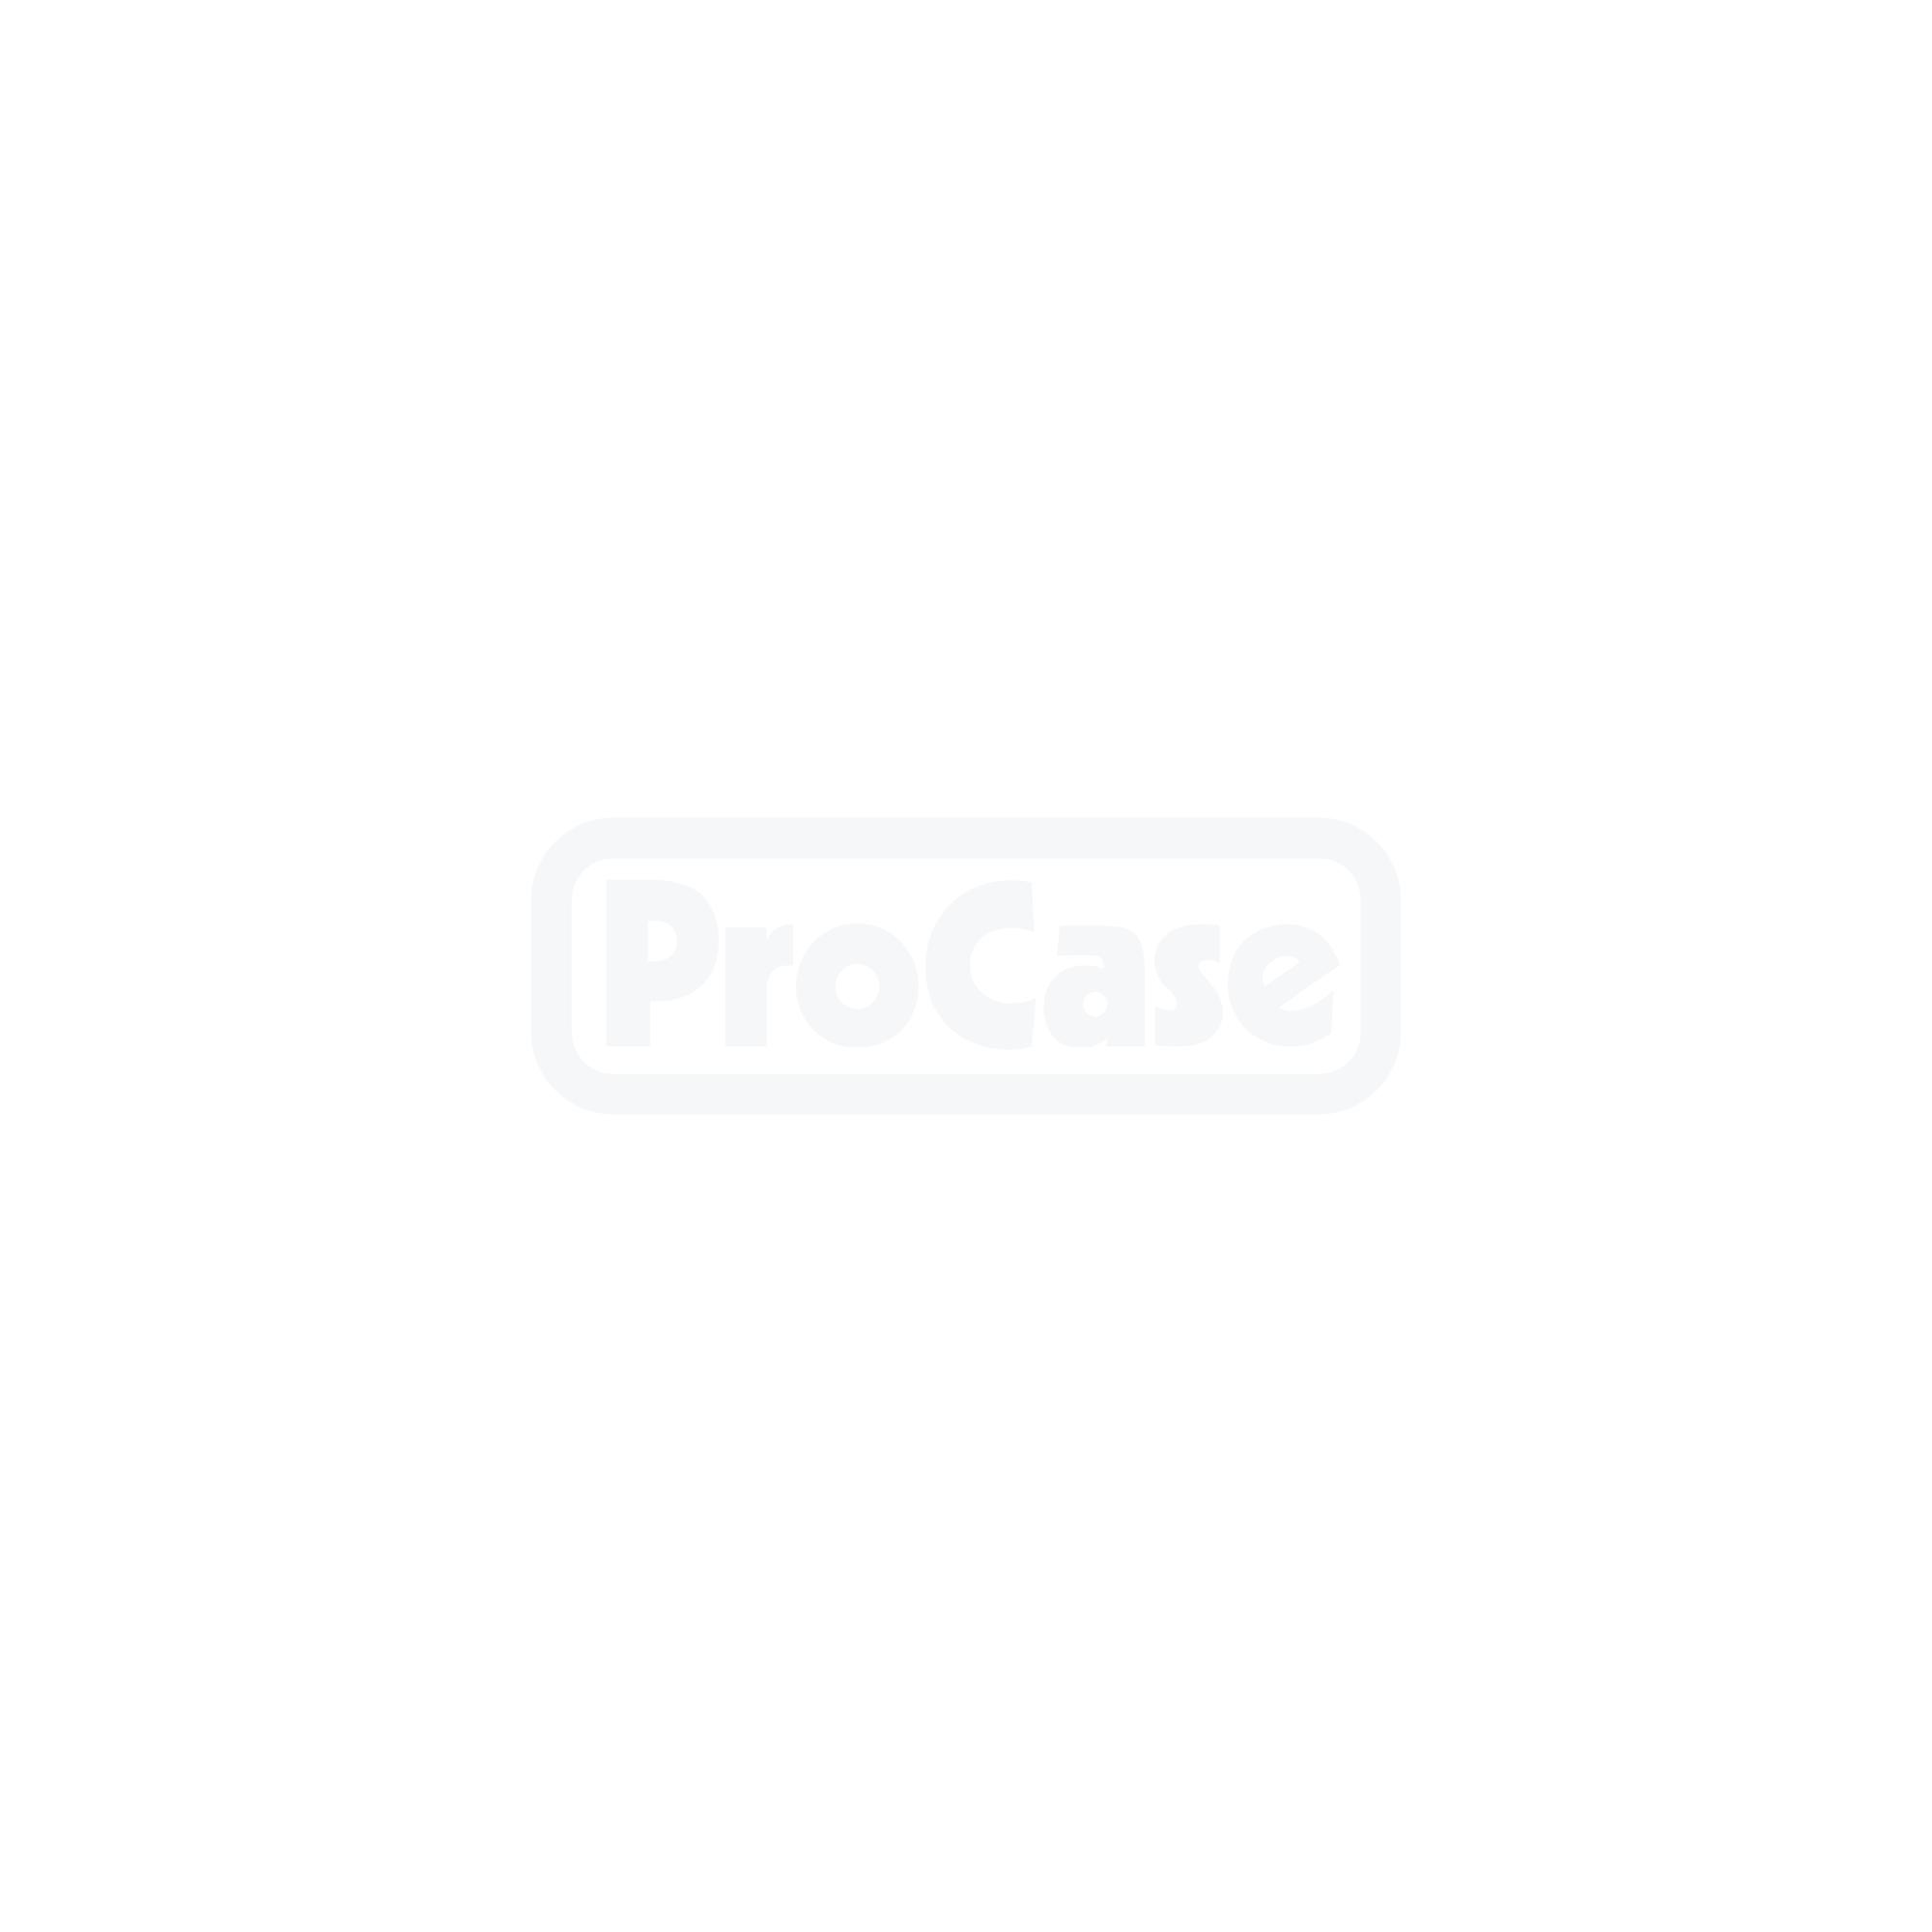 QSD-Rack 8HE 600 mm tief 3